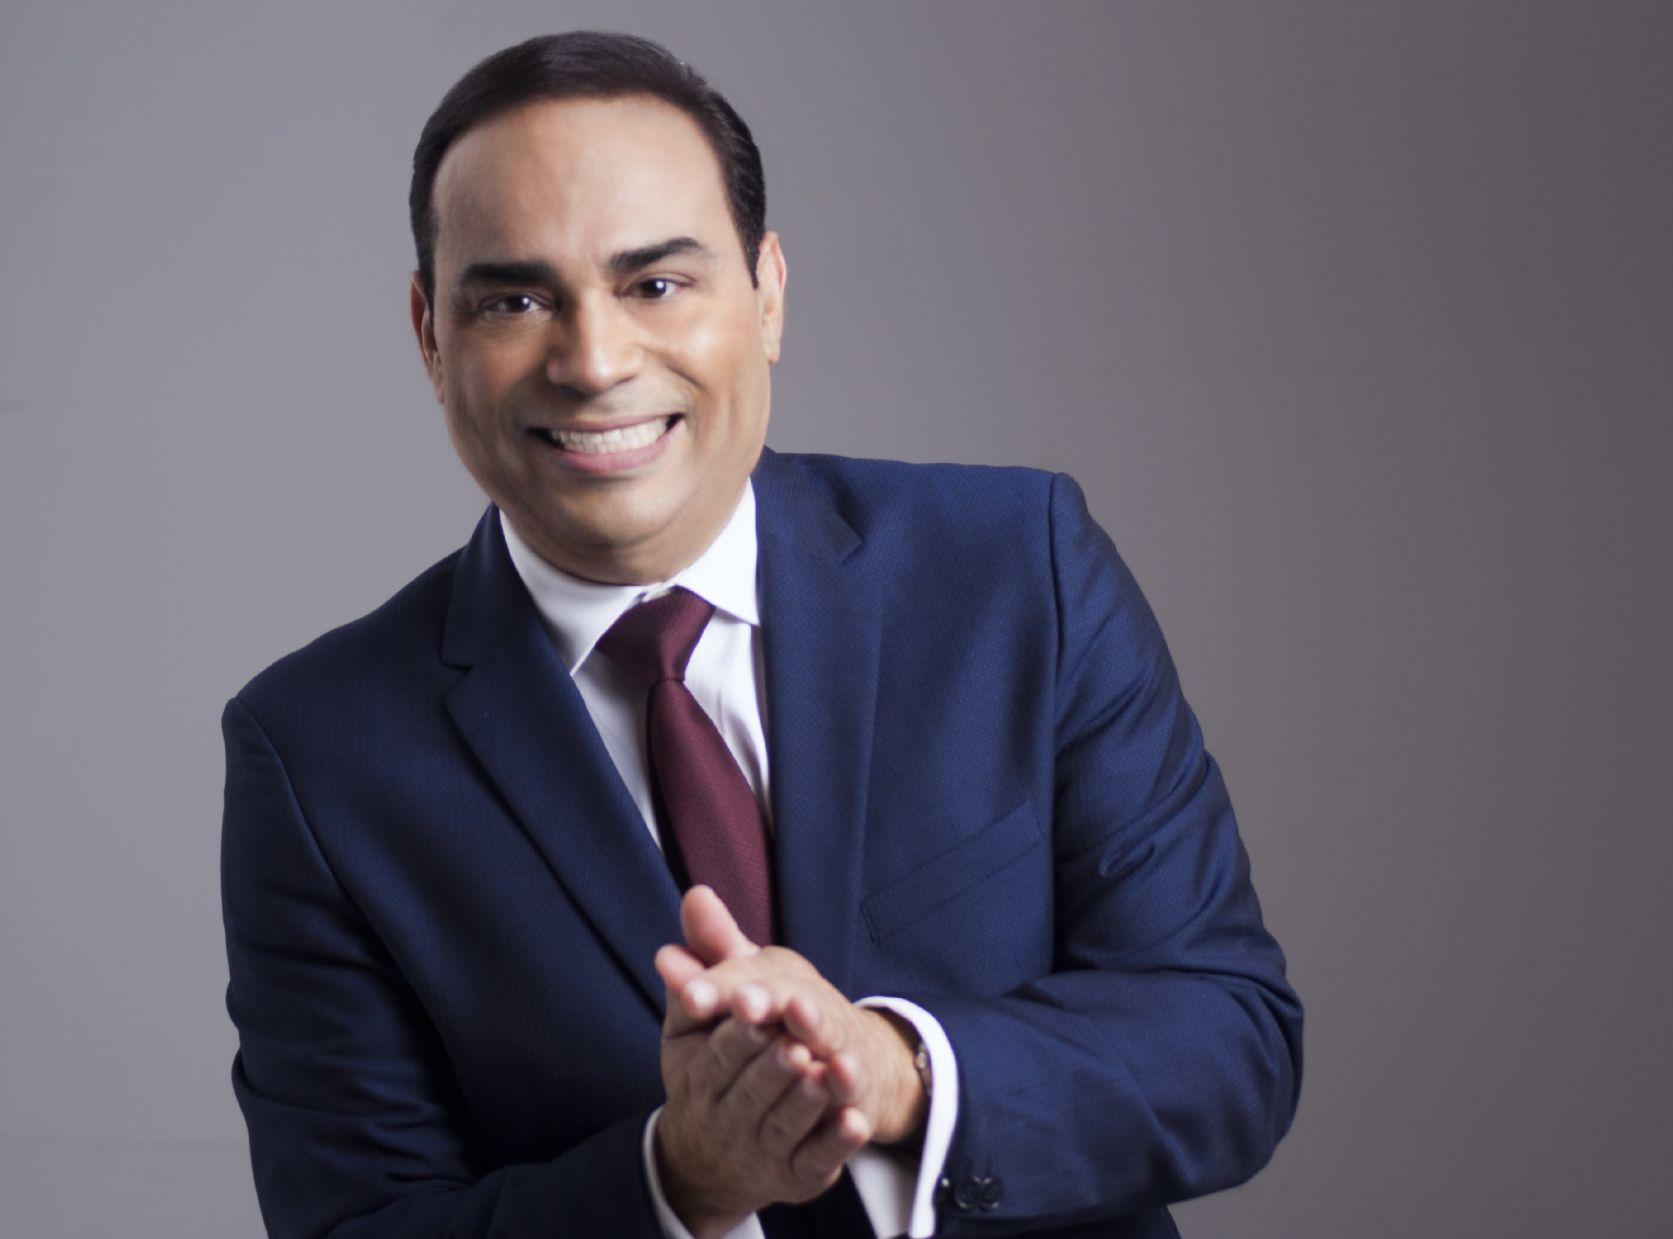 Gilbertito le cantará a Edgar Martínez